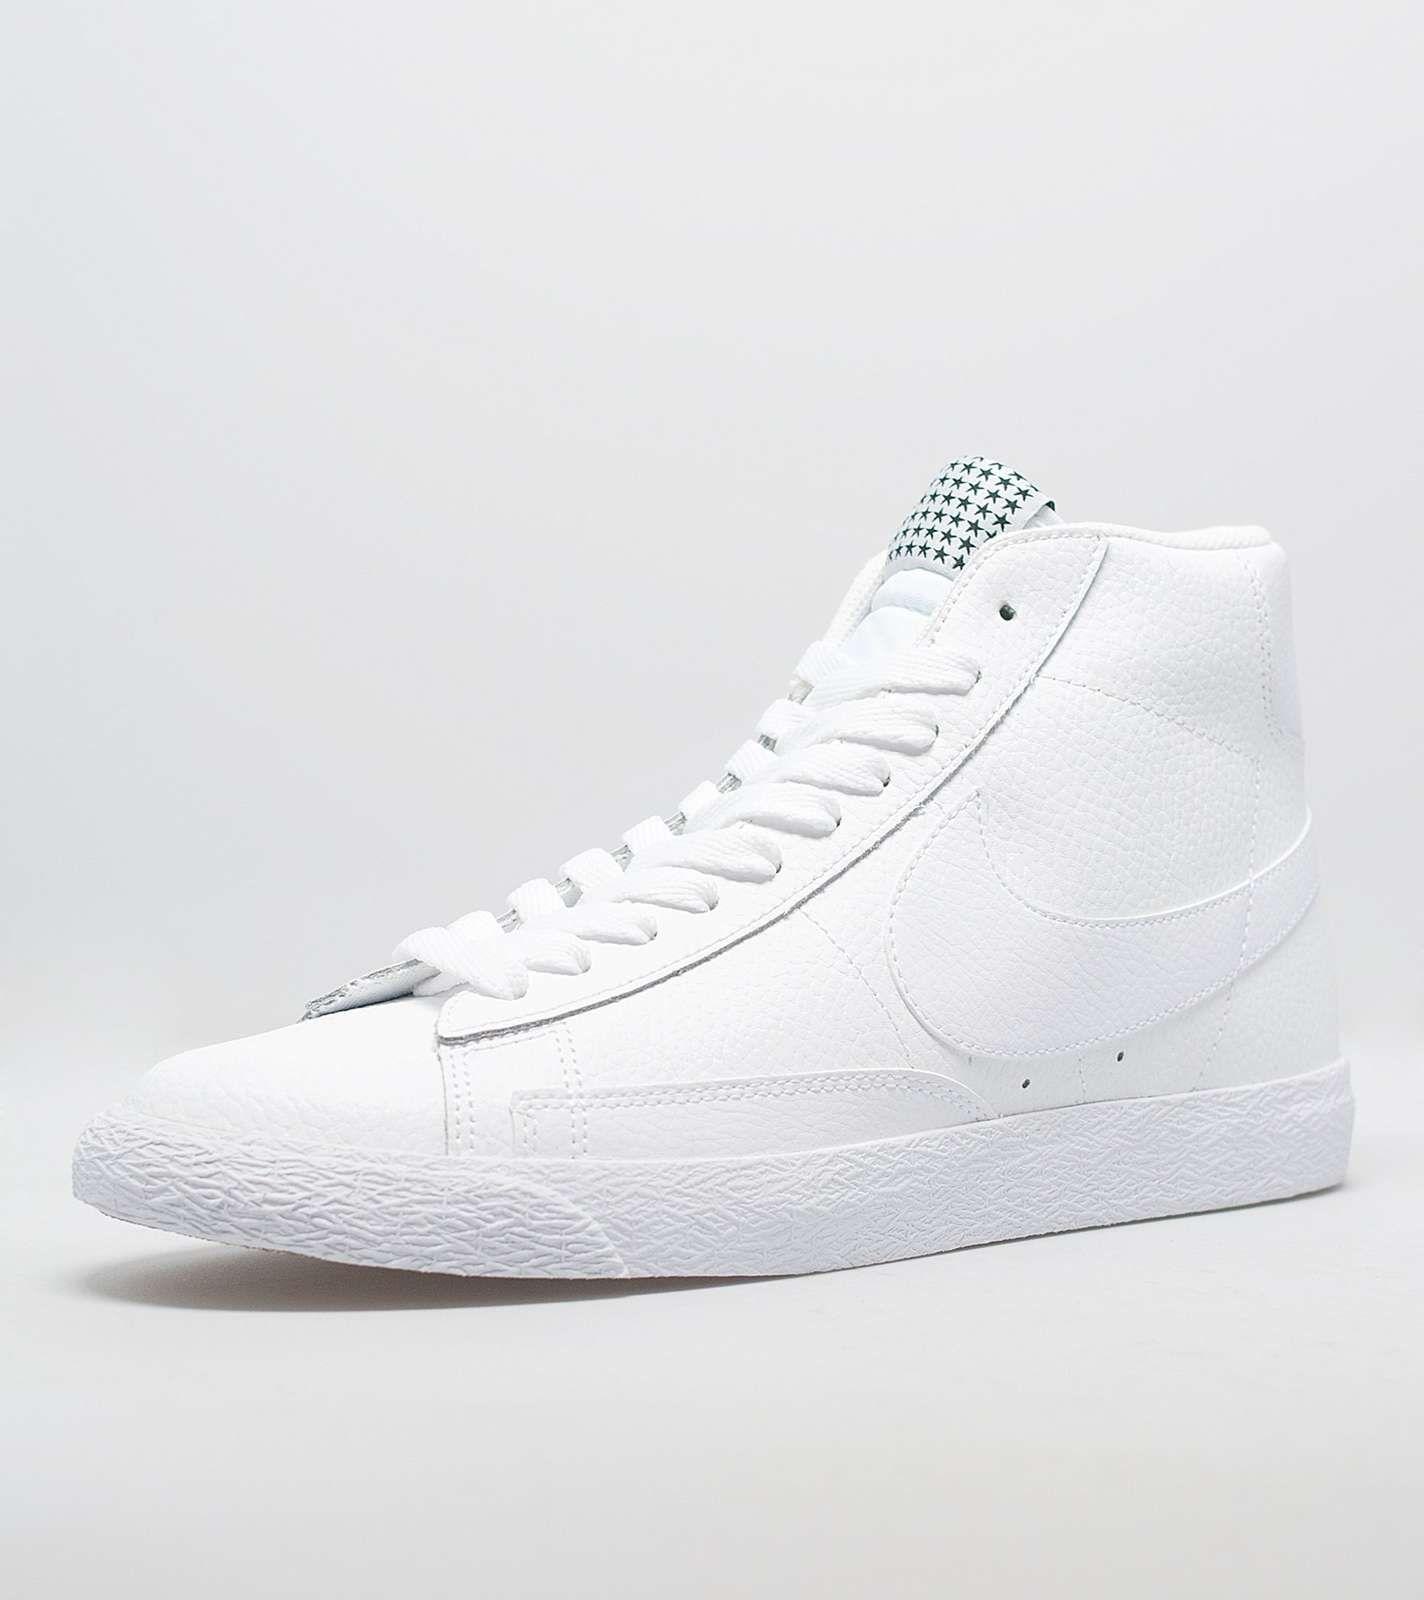 gratuit sites d'expédition Nike Blazer Prime Robe Blanche Cru Livraison  gratuite profiter collections de